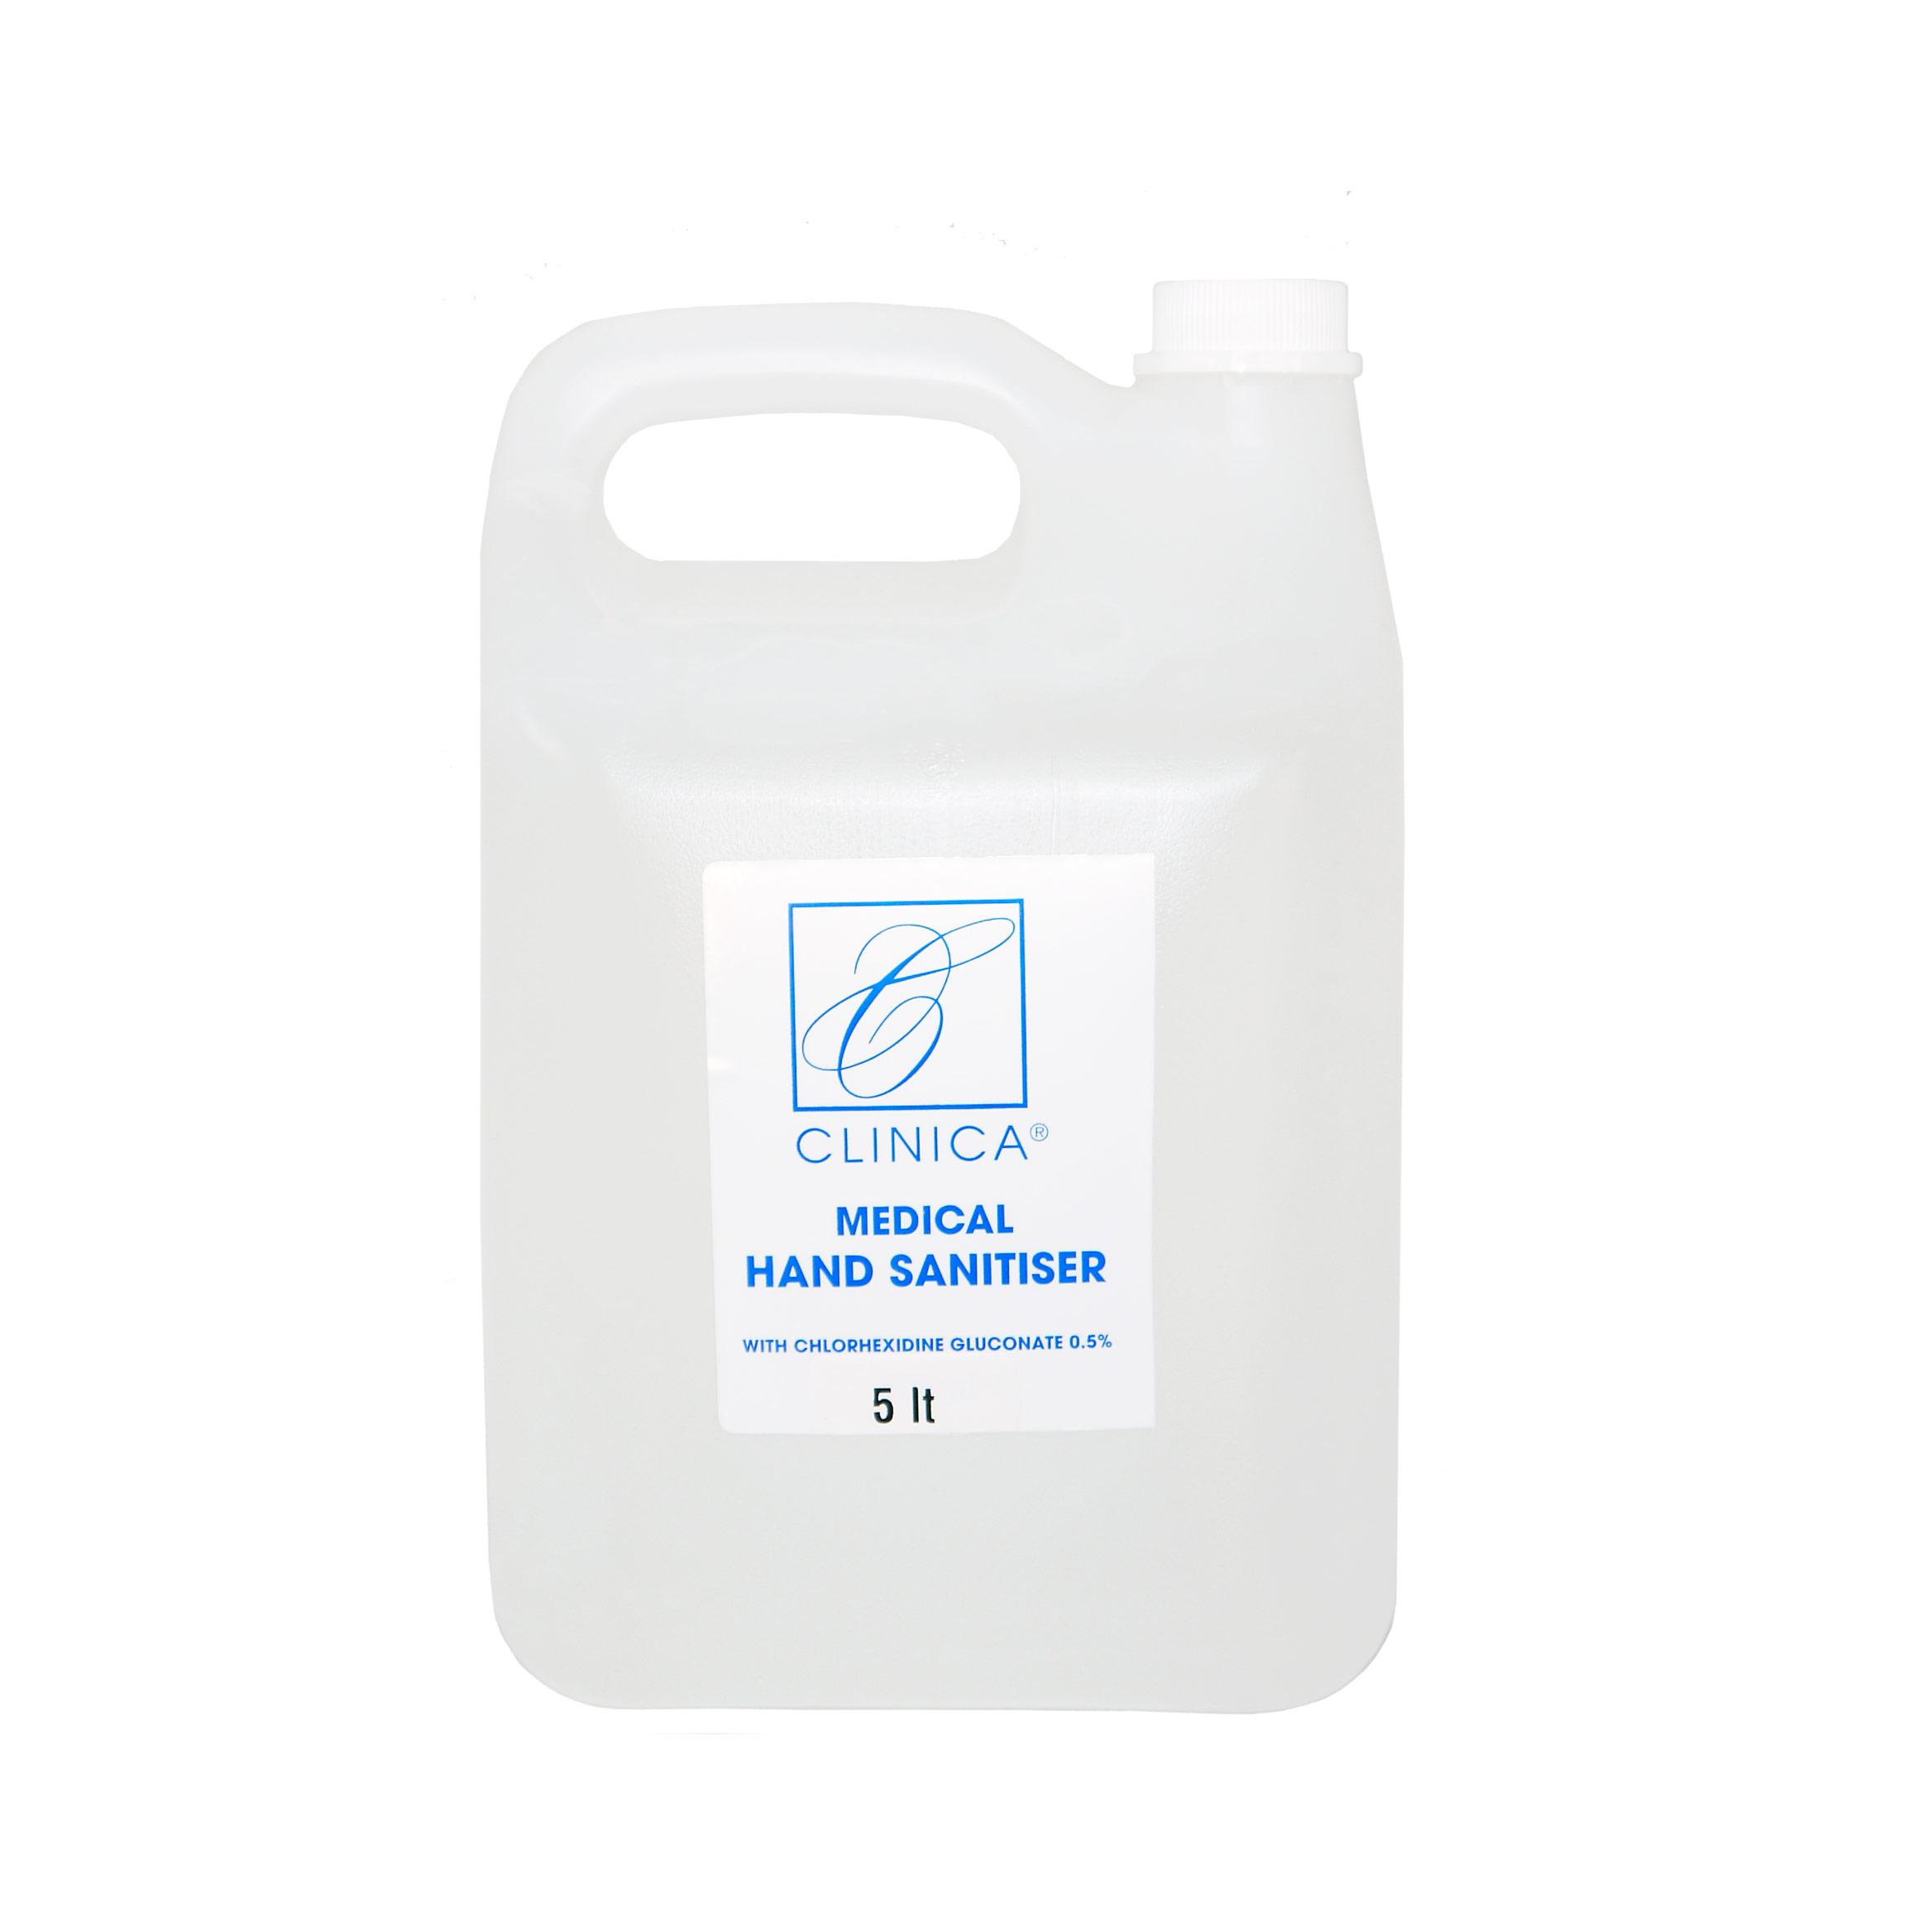 Clinica Medical Hand Sanitizer Gel - 5 lt